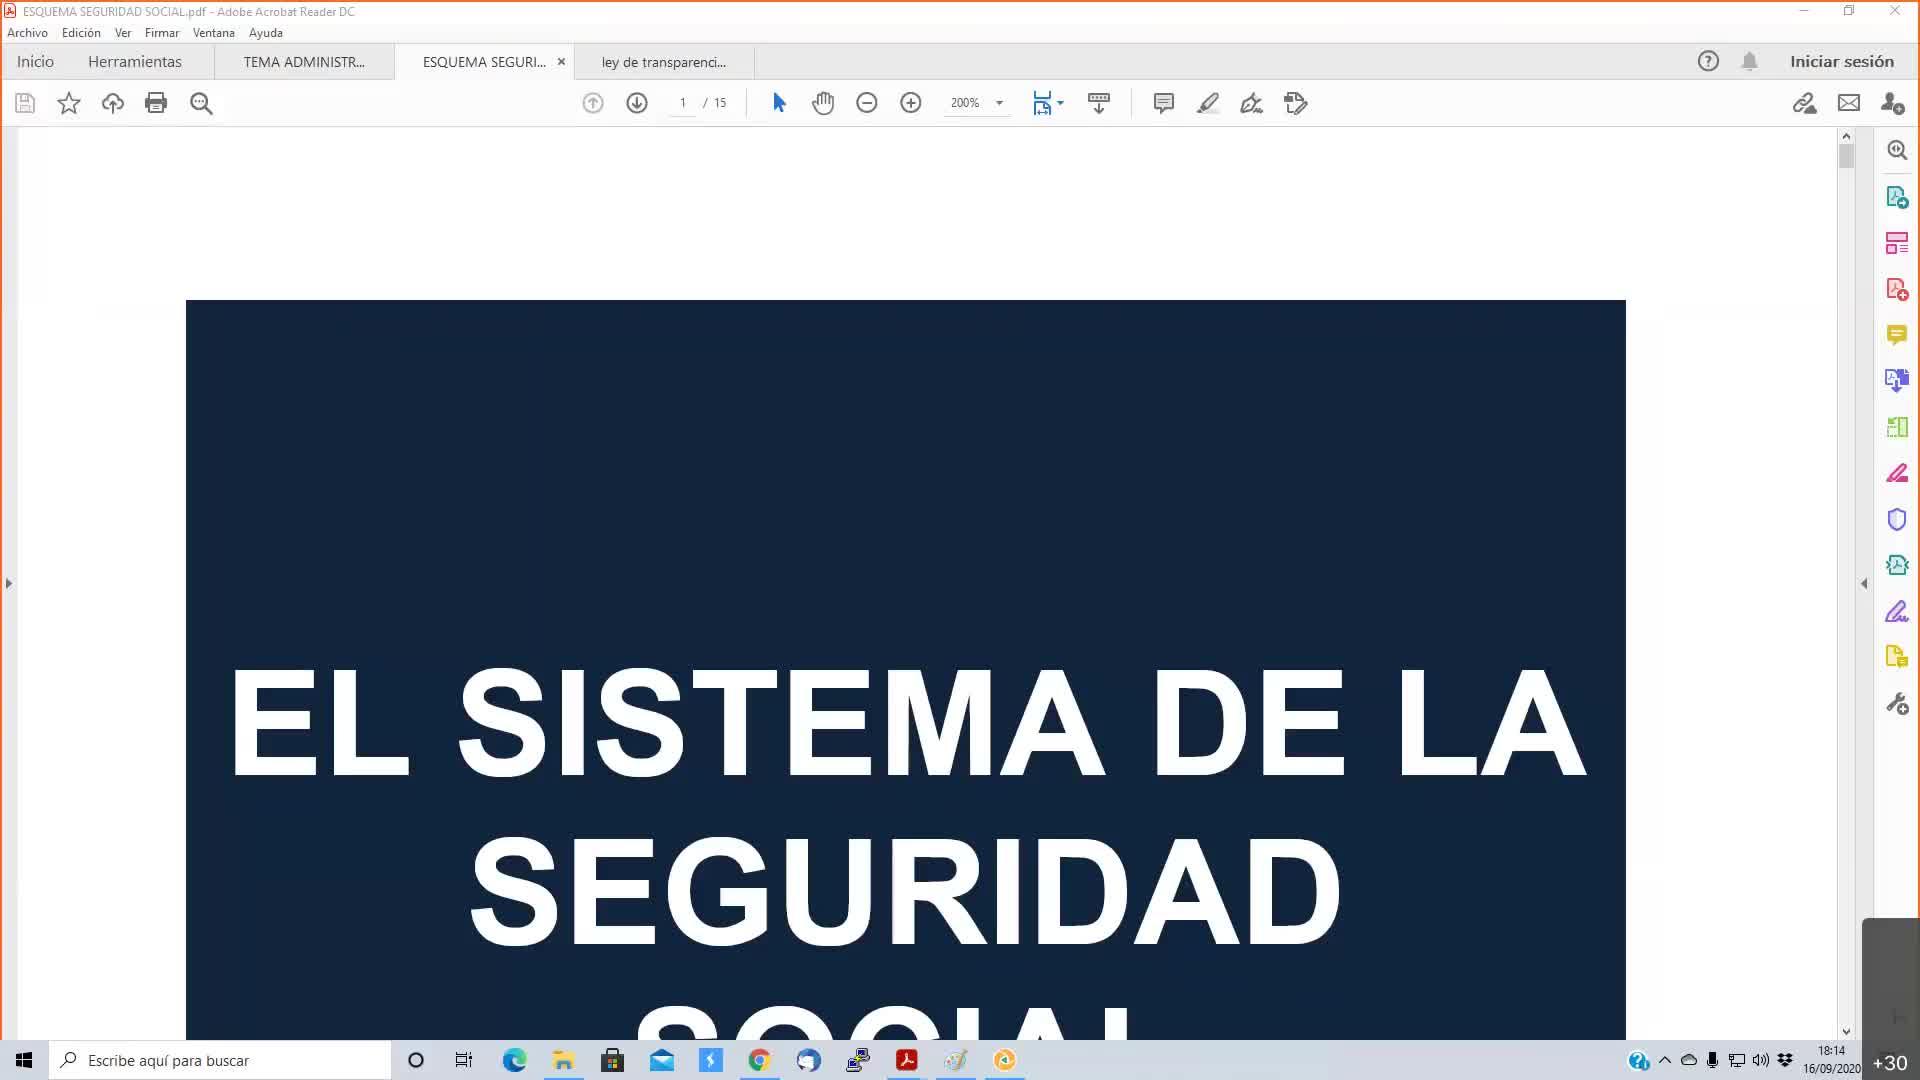 Seguridad Social 16-09-2020